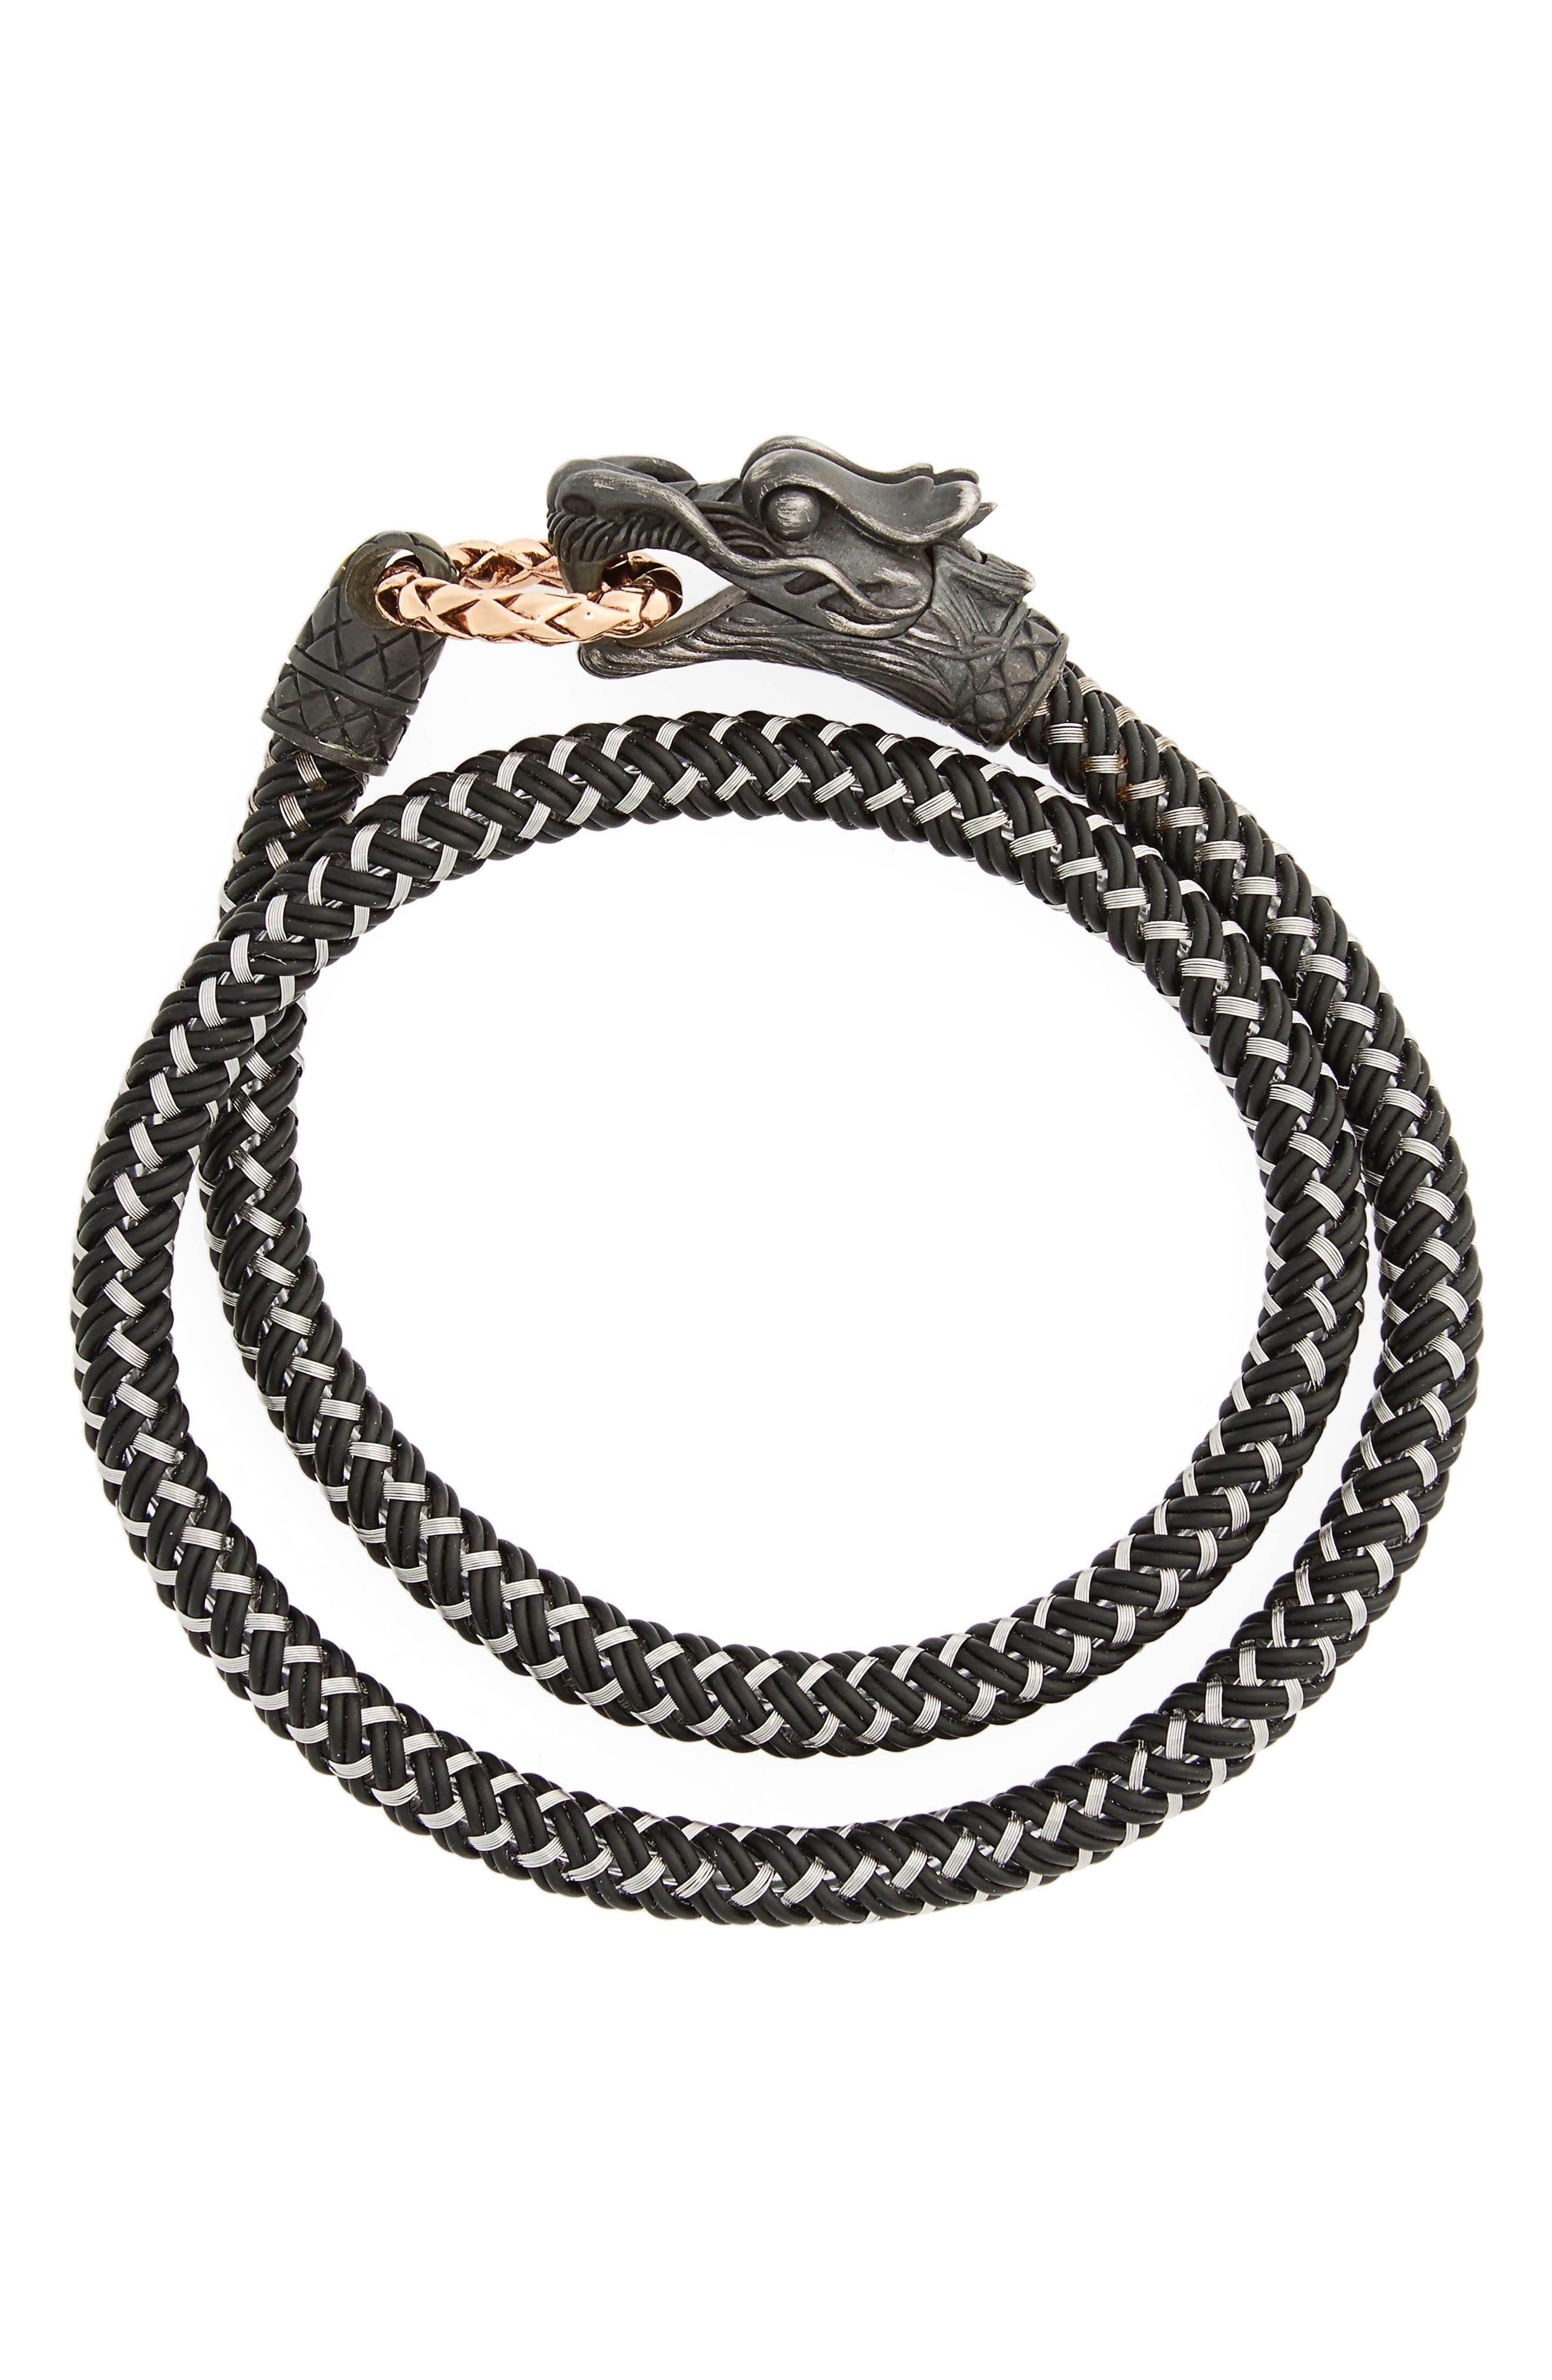 Legends Naga Wrap Bracelet,                             Main thumbnail 1, color,                             SILVER/ BRONZE